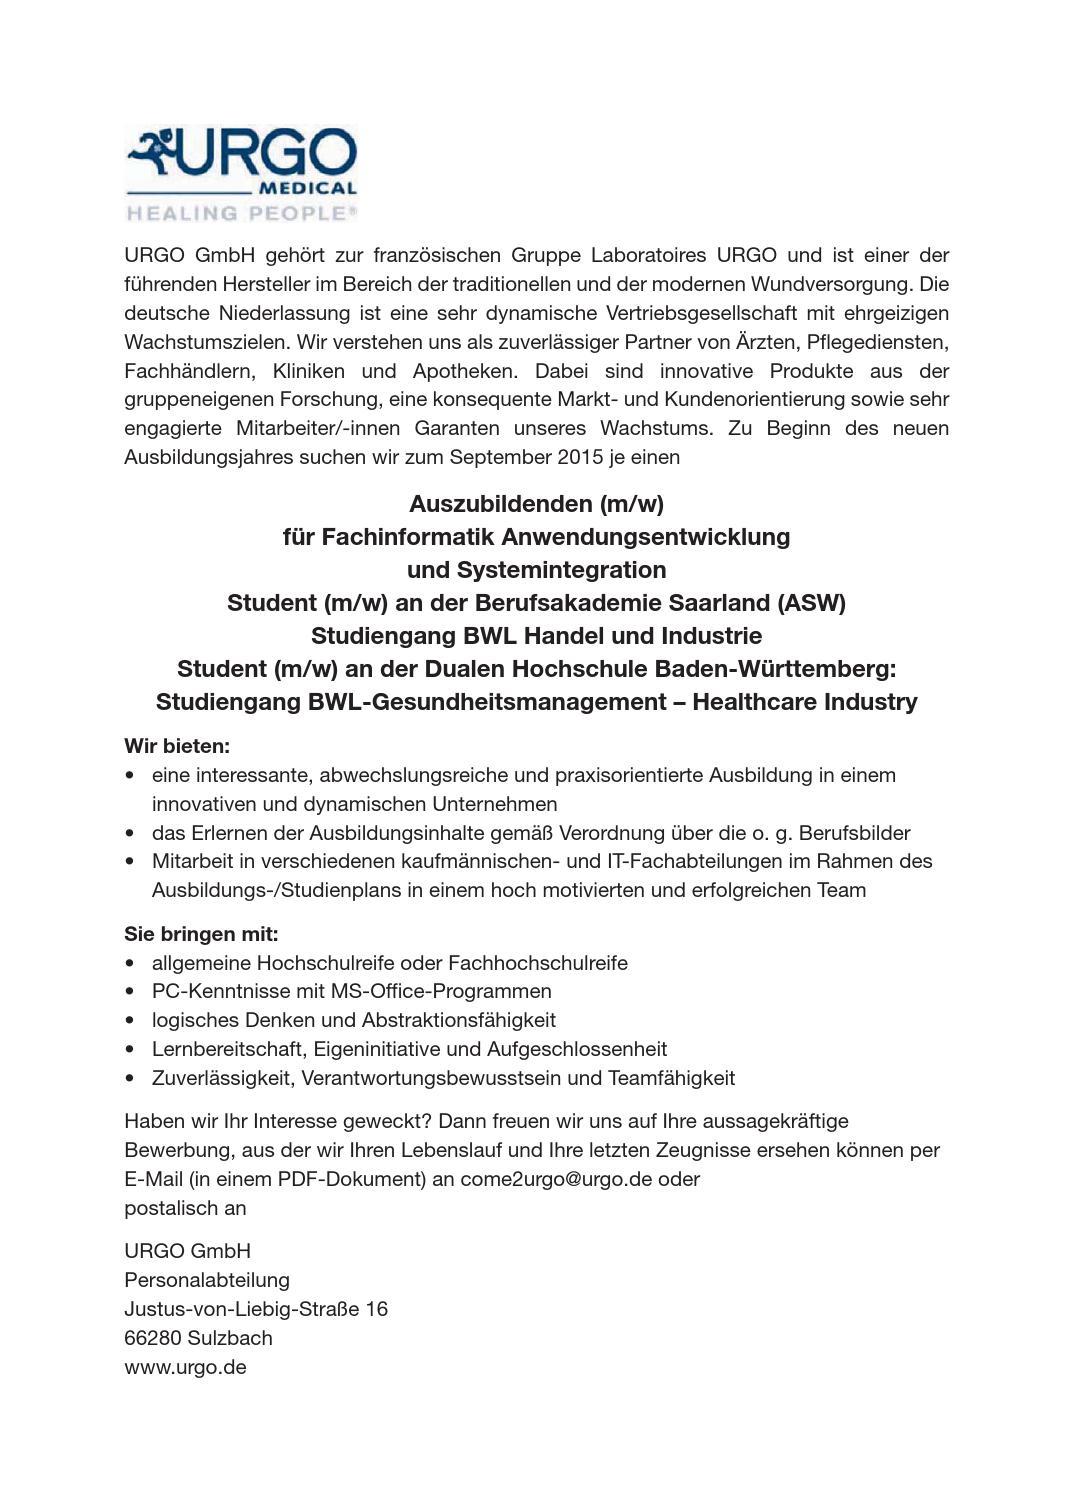 Ausgezeichnet Entry Level Gesundheitsmanagement Lebenslauf Galerie ...